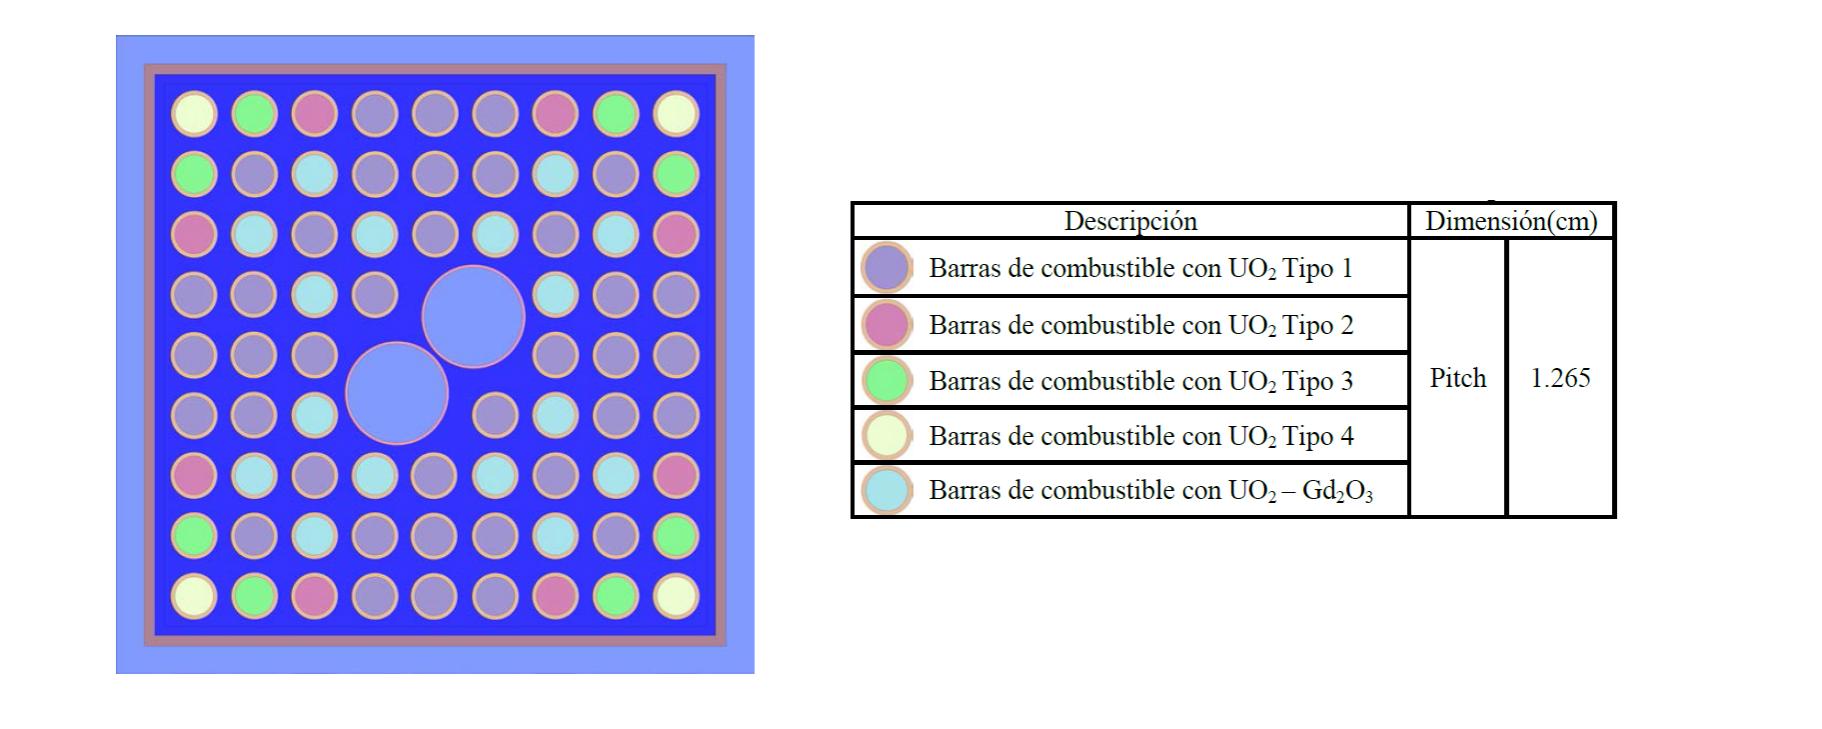 Analisis comparativo de resultados entre CASMO, MCNP y SERPENT…